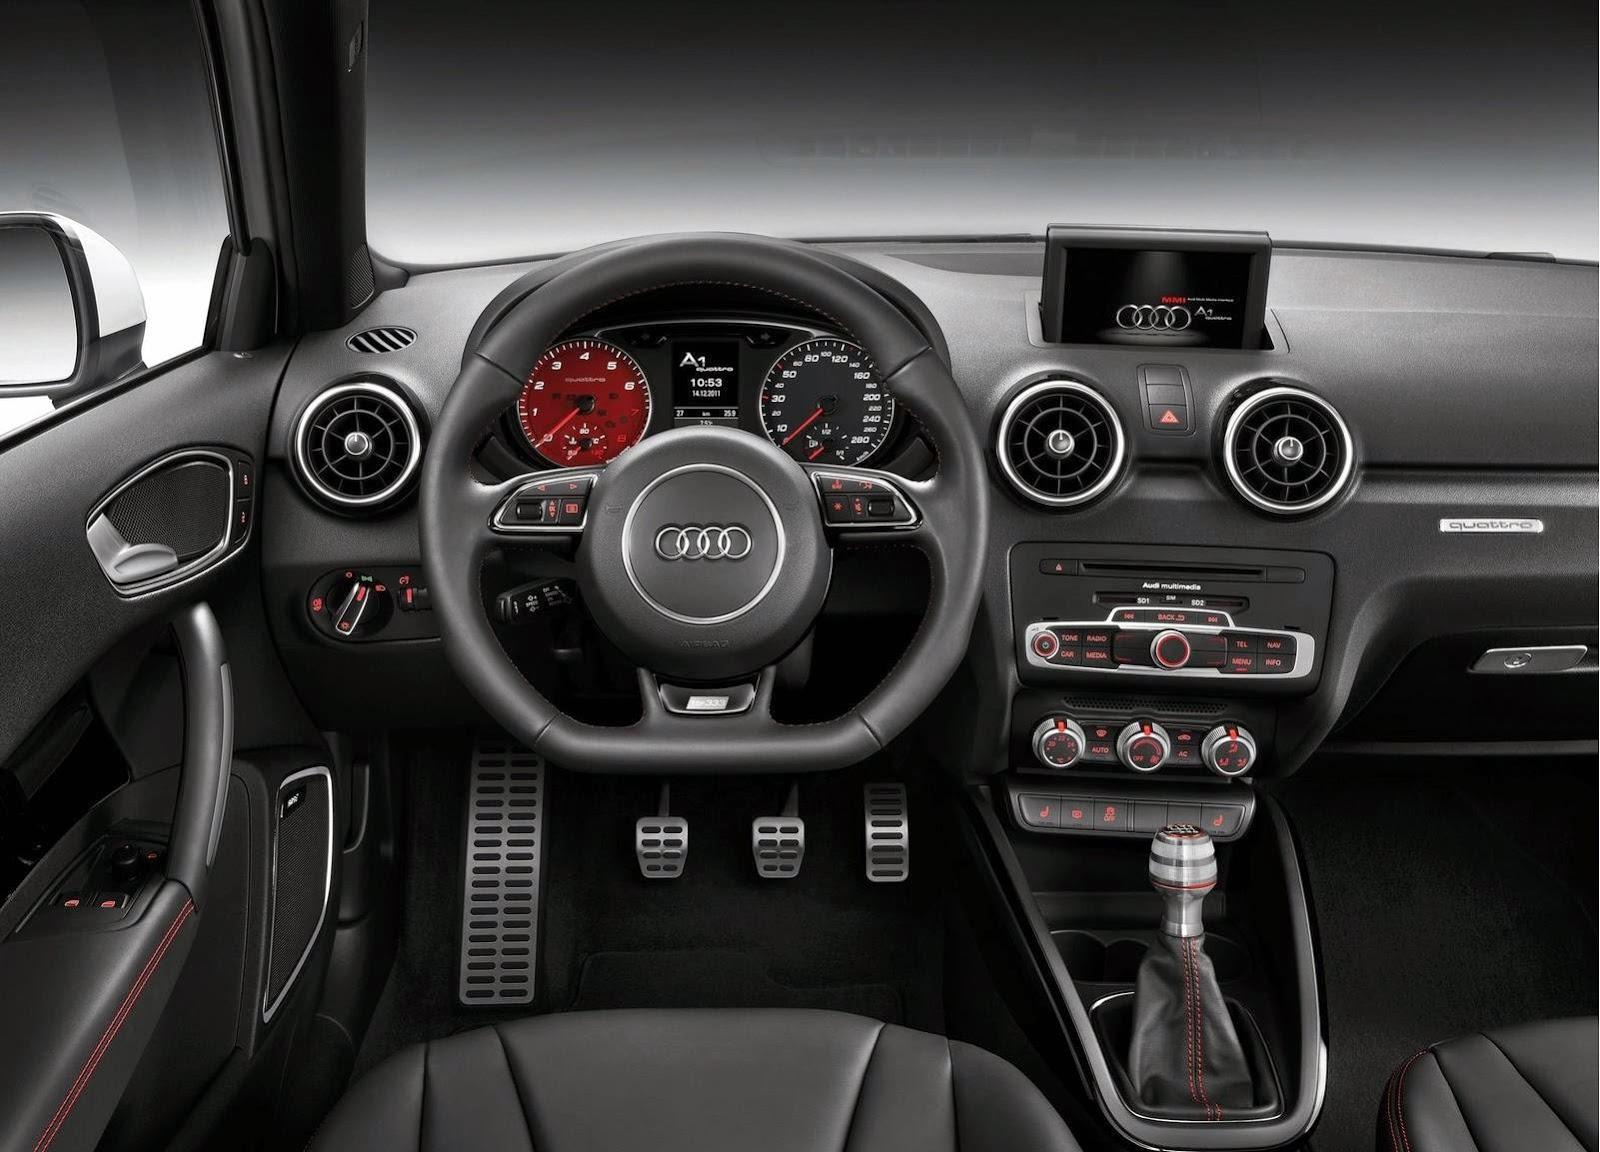 Audi A1 quattro 2013 Widescreen Wallpaper